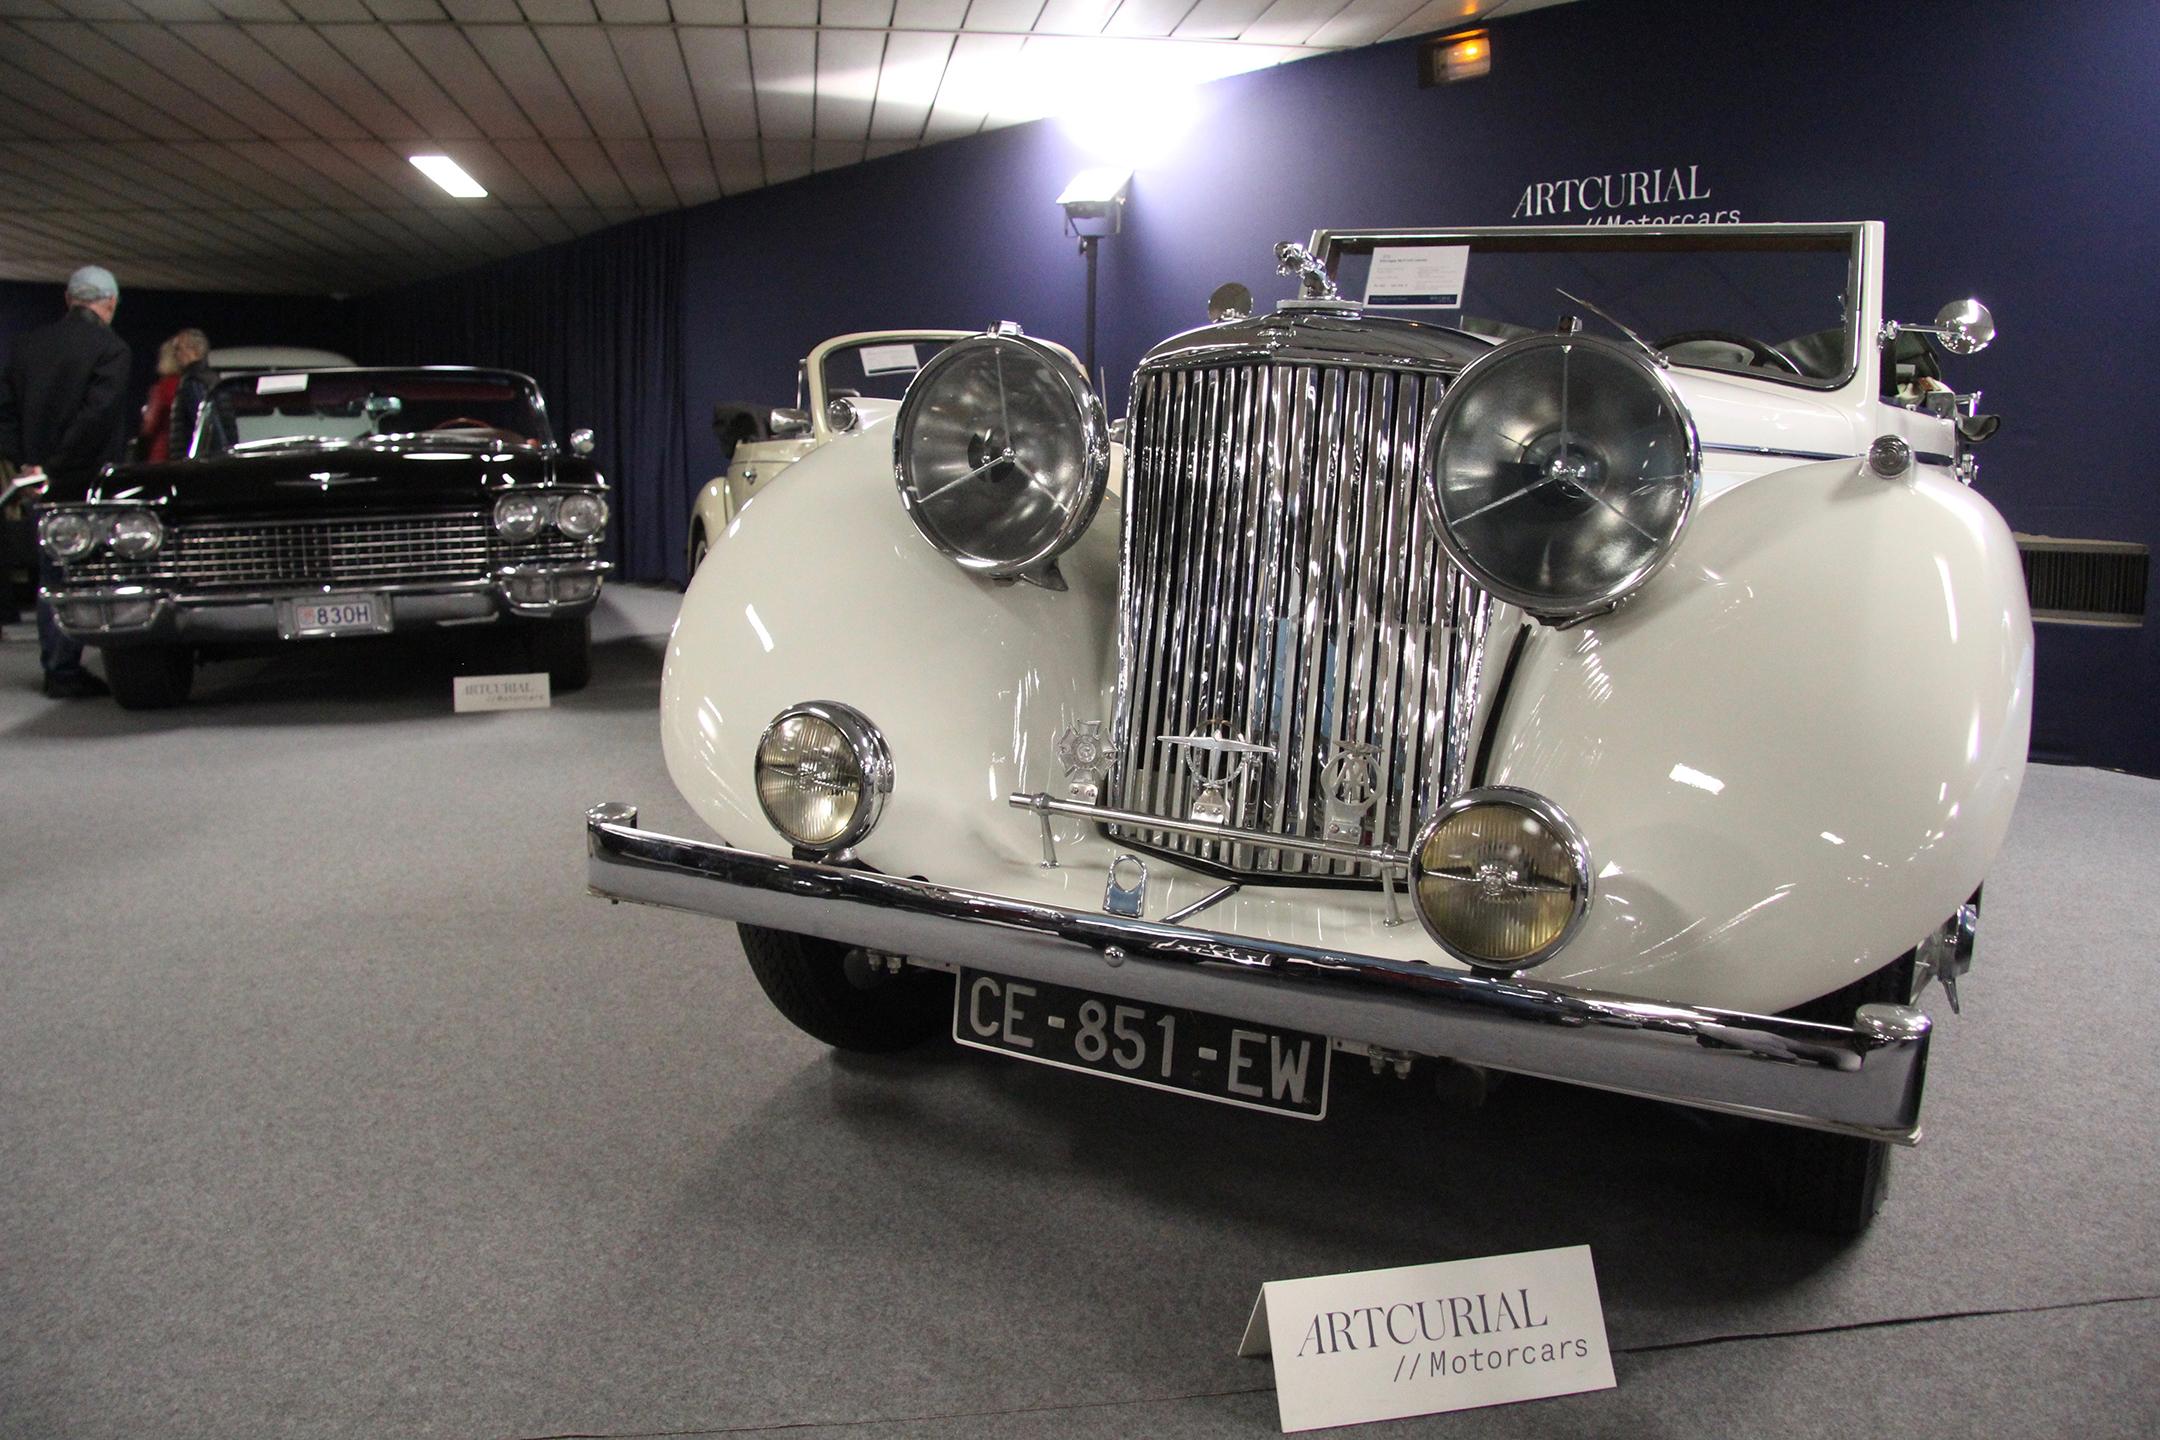 Jaguar Mk IV 3.5L Cabriolet - 1948 - Artcurial Motorcars - Automobiles sur les Champs - 2019 - photo Ludo Ferrari